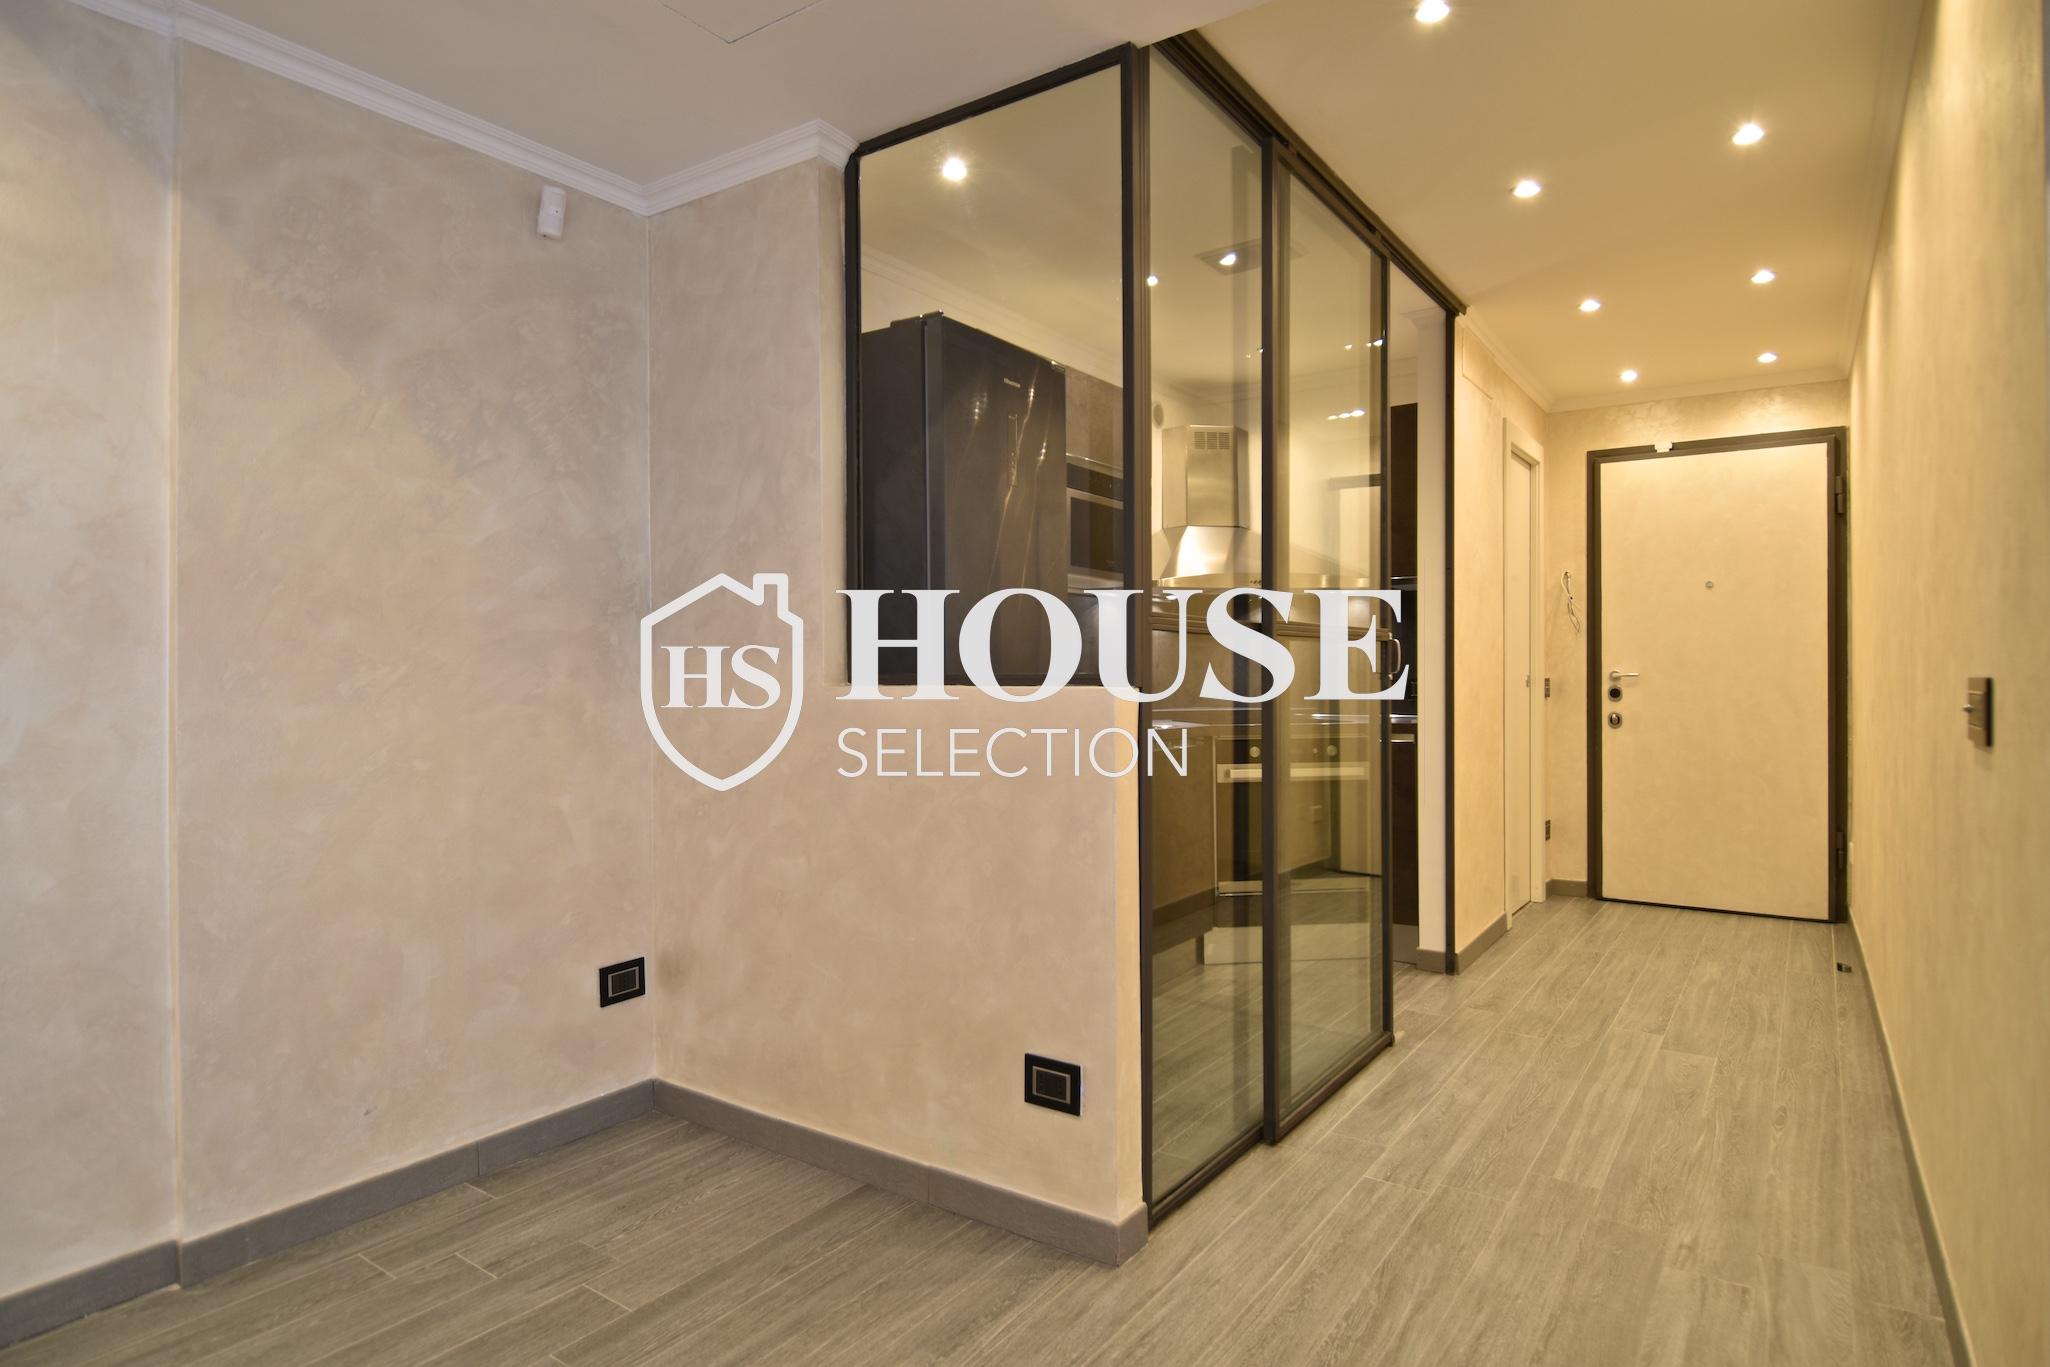 Vendita attico con terrazzo piazza Caiazzo, mm, ultimo piano, nuova realizzazione, palazzo epoca, ascensore, Milano 23